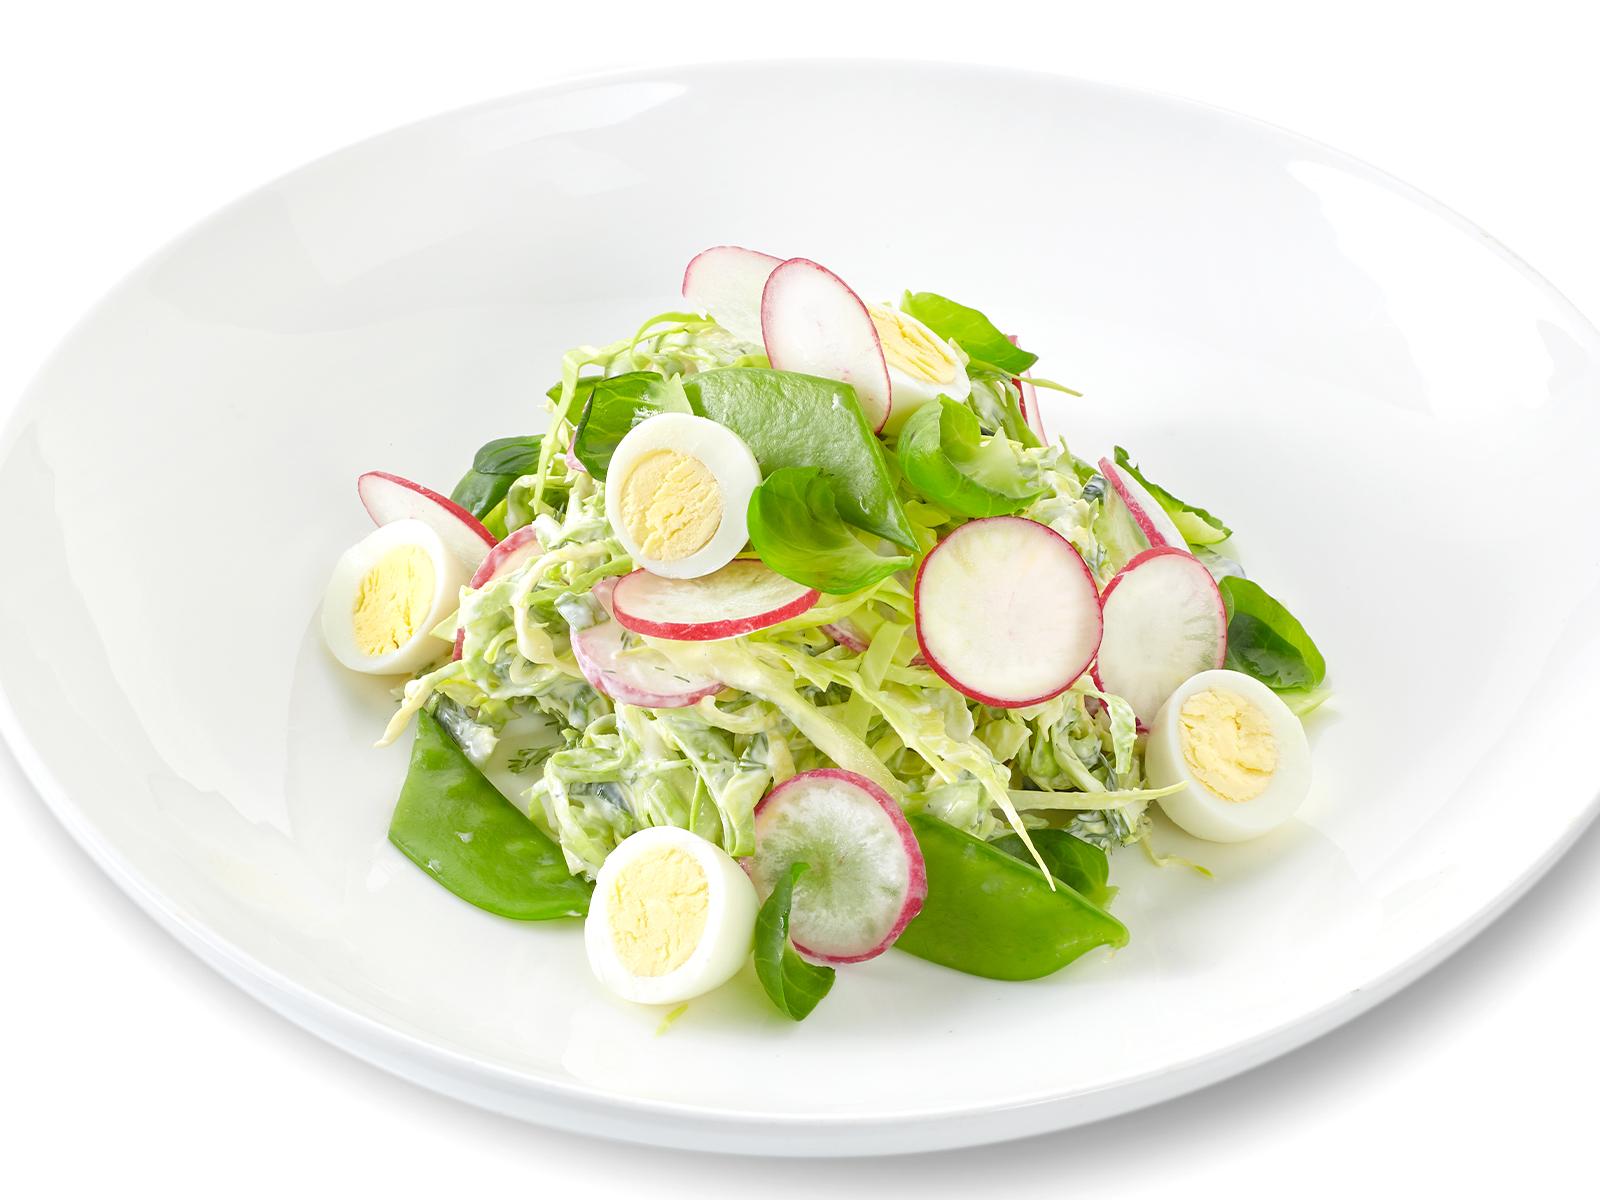 Салат из молодой капутсы, салата Кейл и овощей